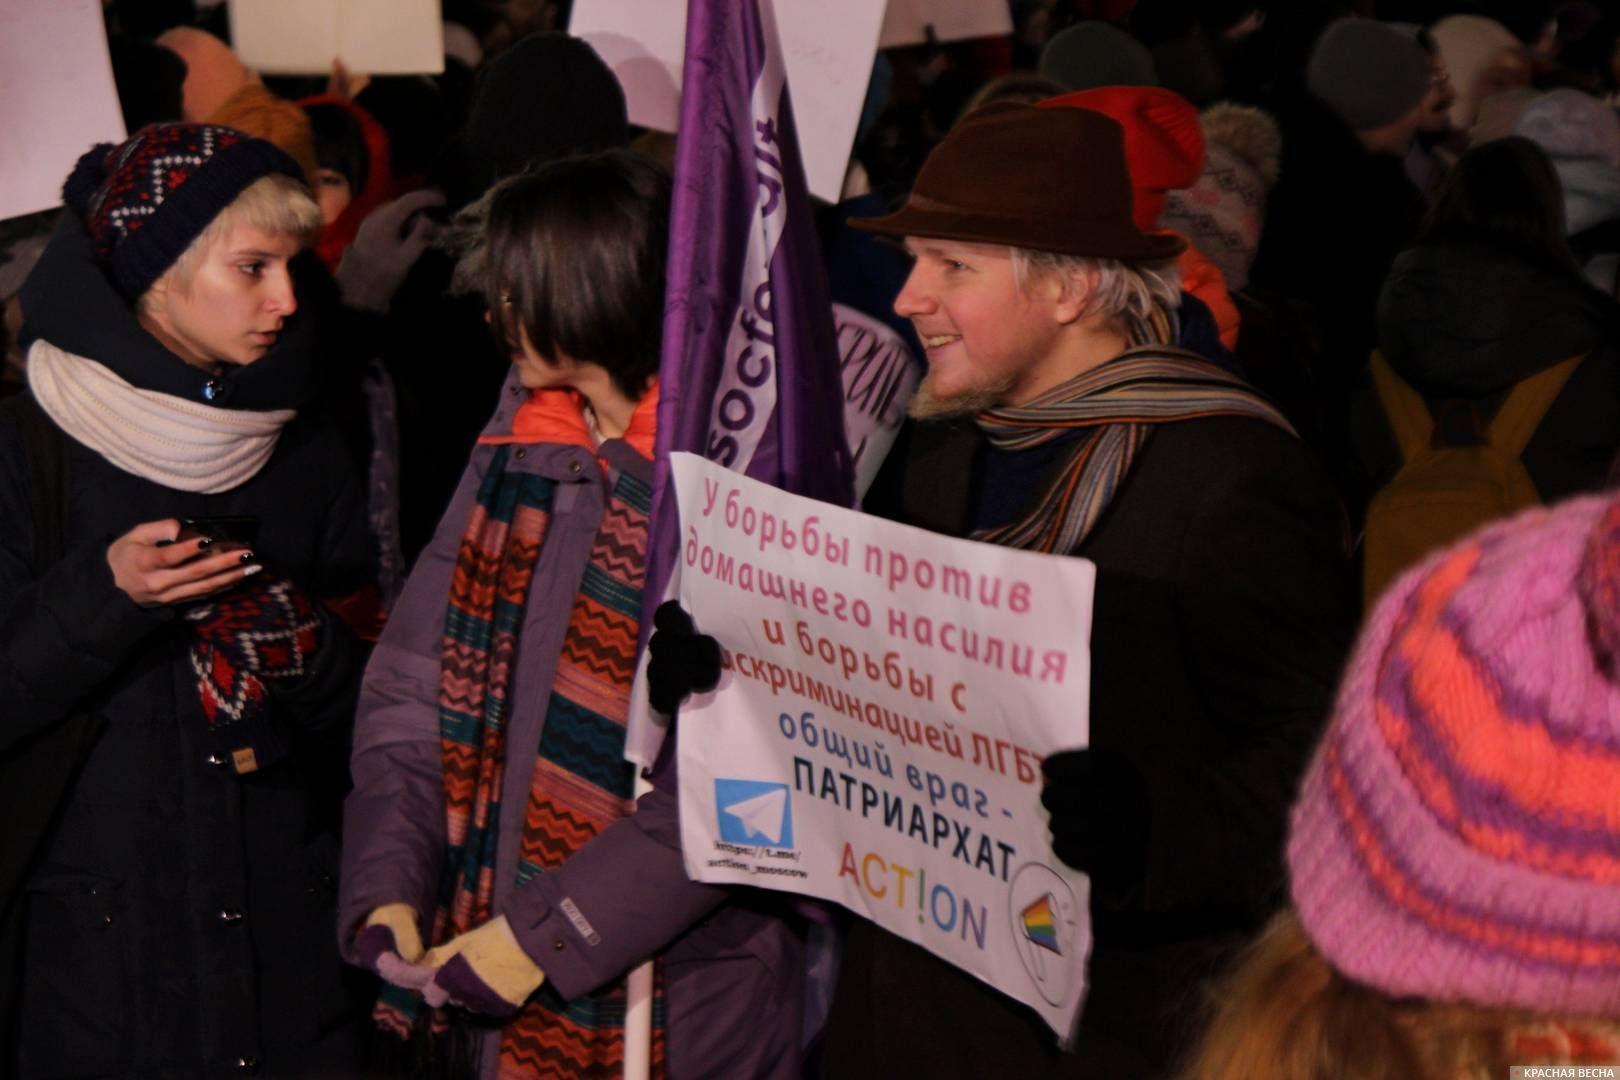 Надпись на плакате: «У борьбы против домашнего насилия и борьбы с дискриминацией ЛГБТ общий враг — патриархат»